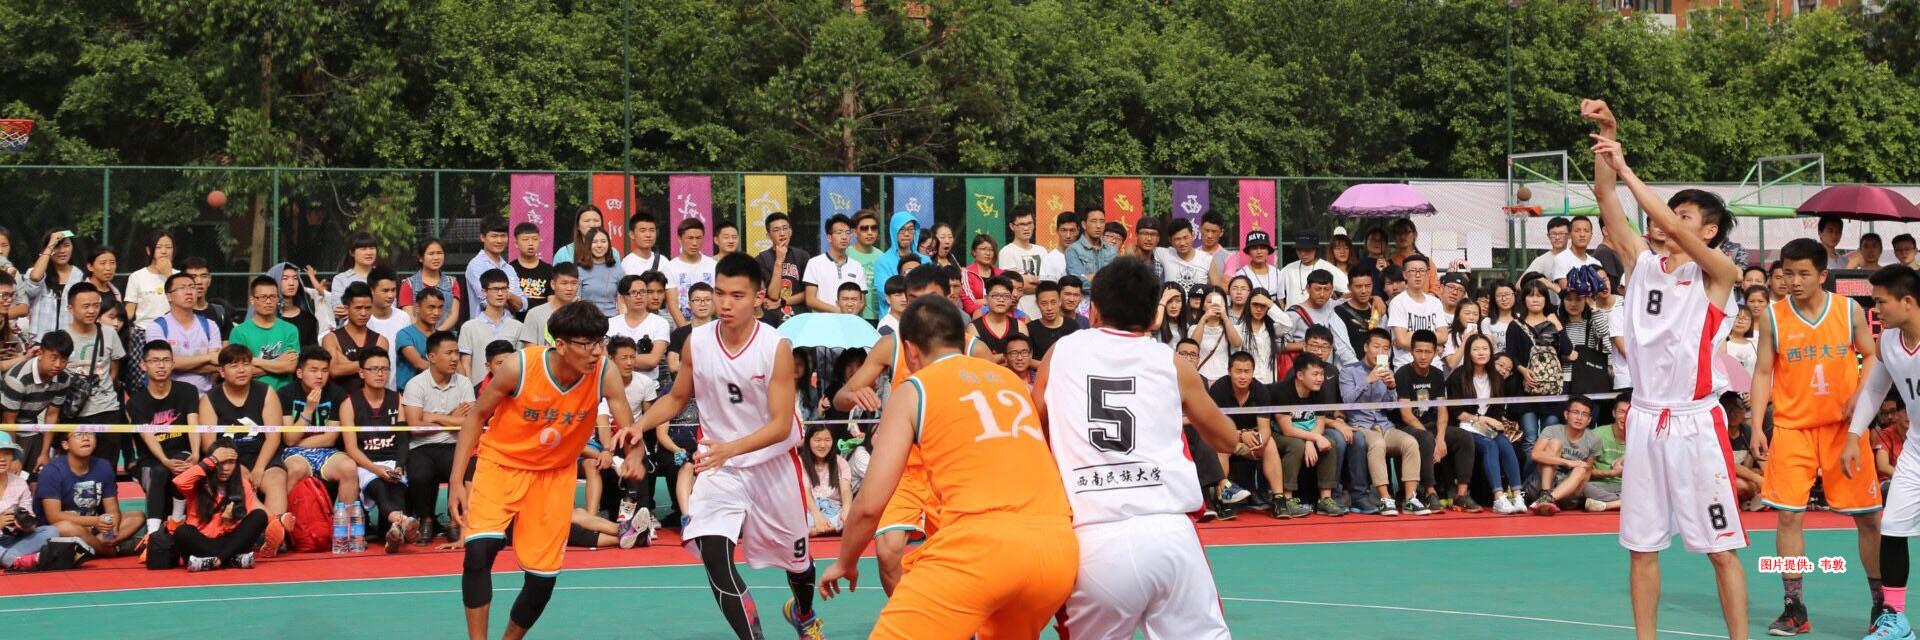 如何观看中国足球超级联赛